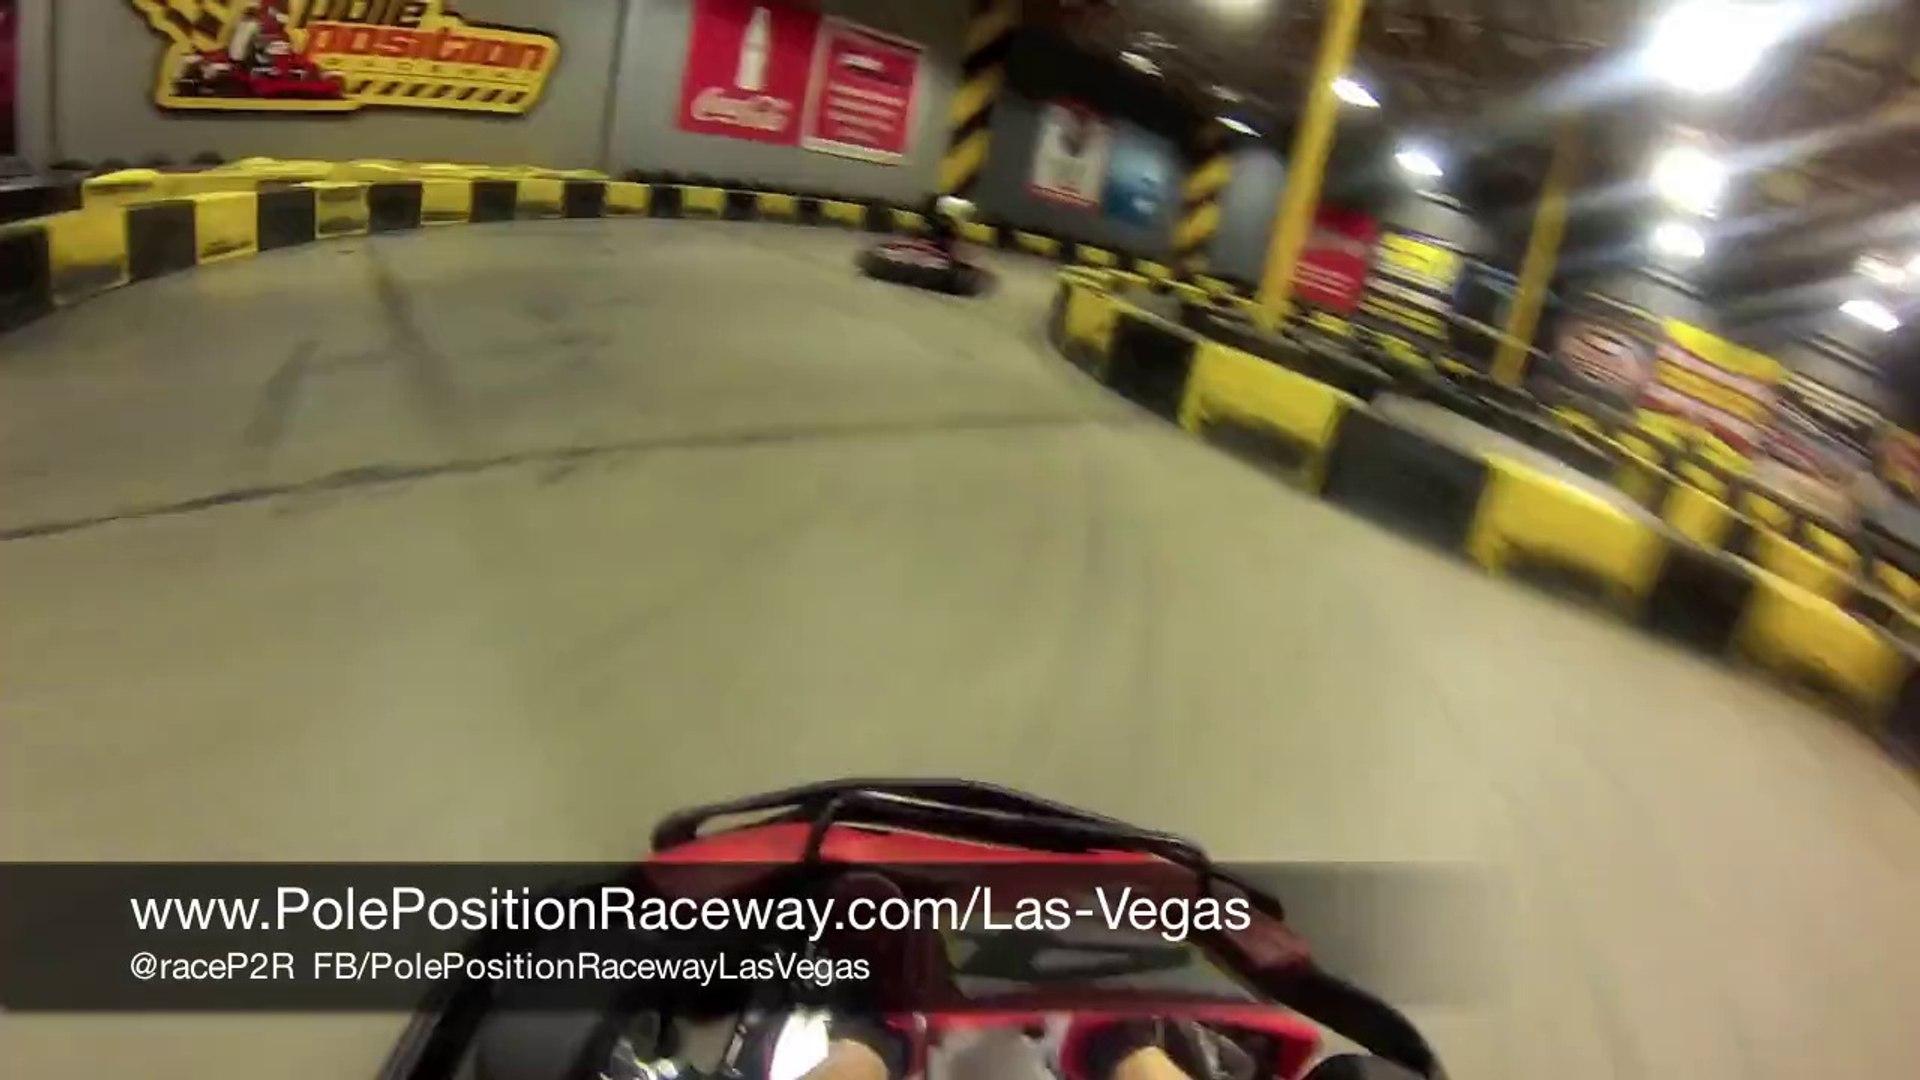 Where To Host Corporate Events in Las Vegas? | Pole Position Raceway Las Vegas  pt. 4